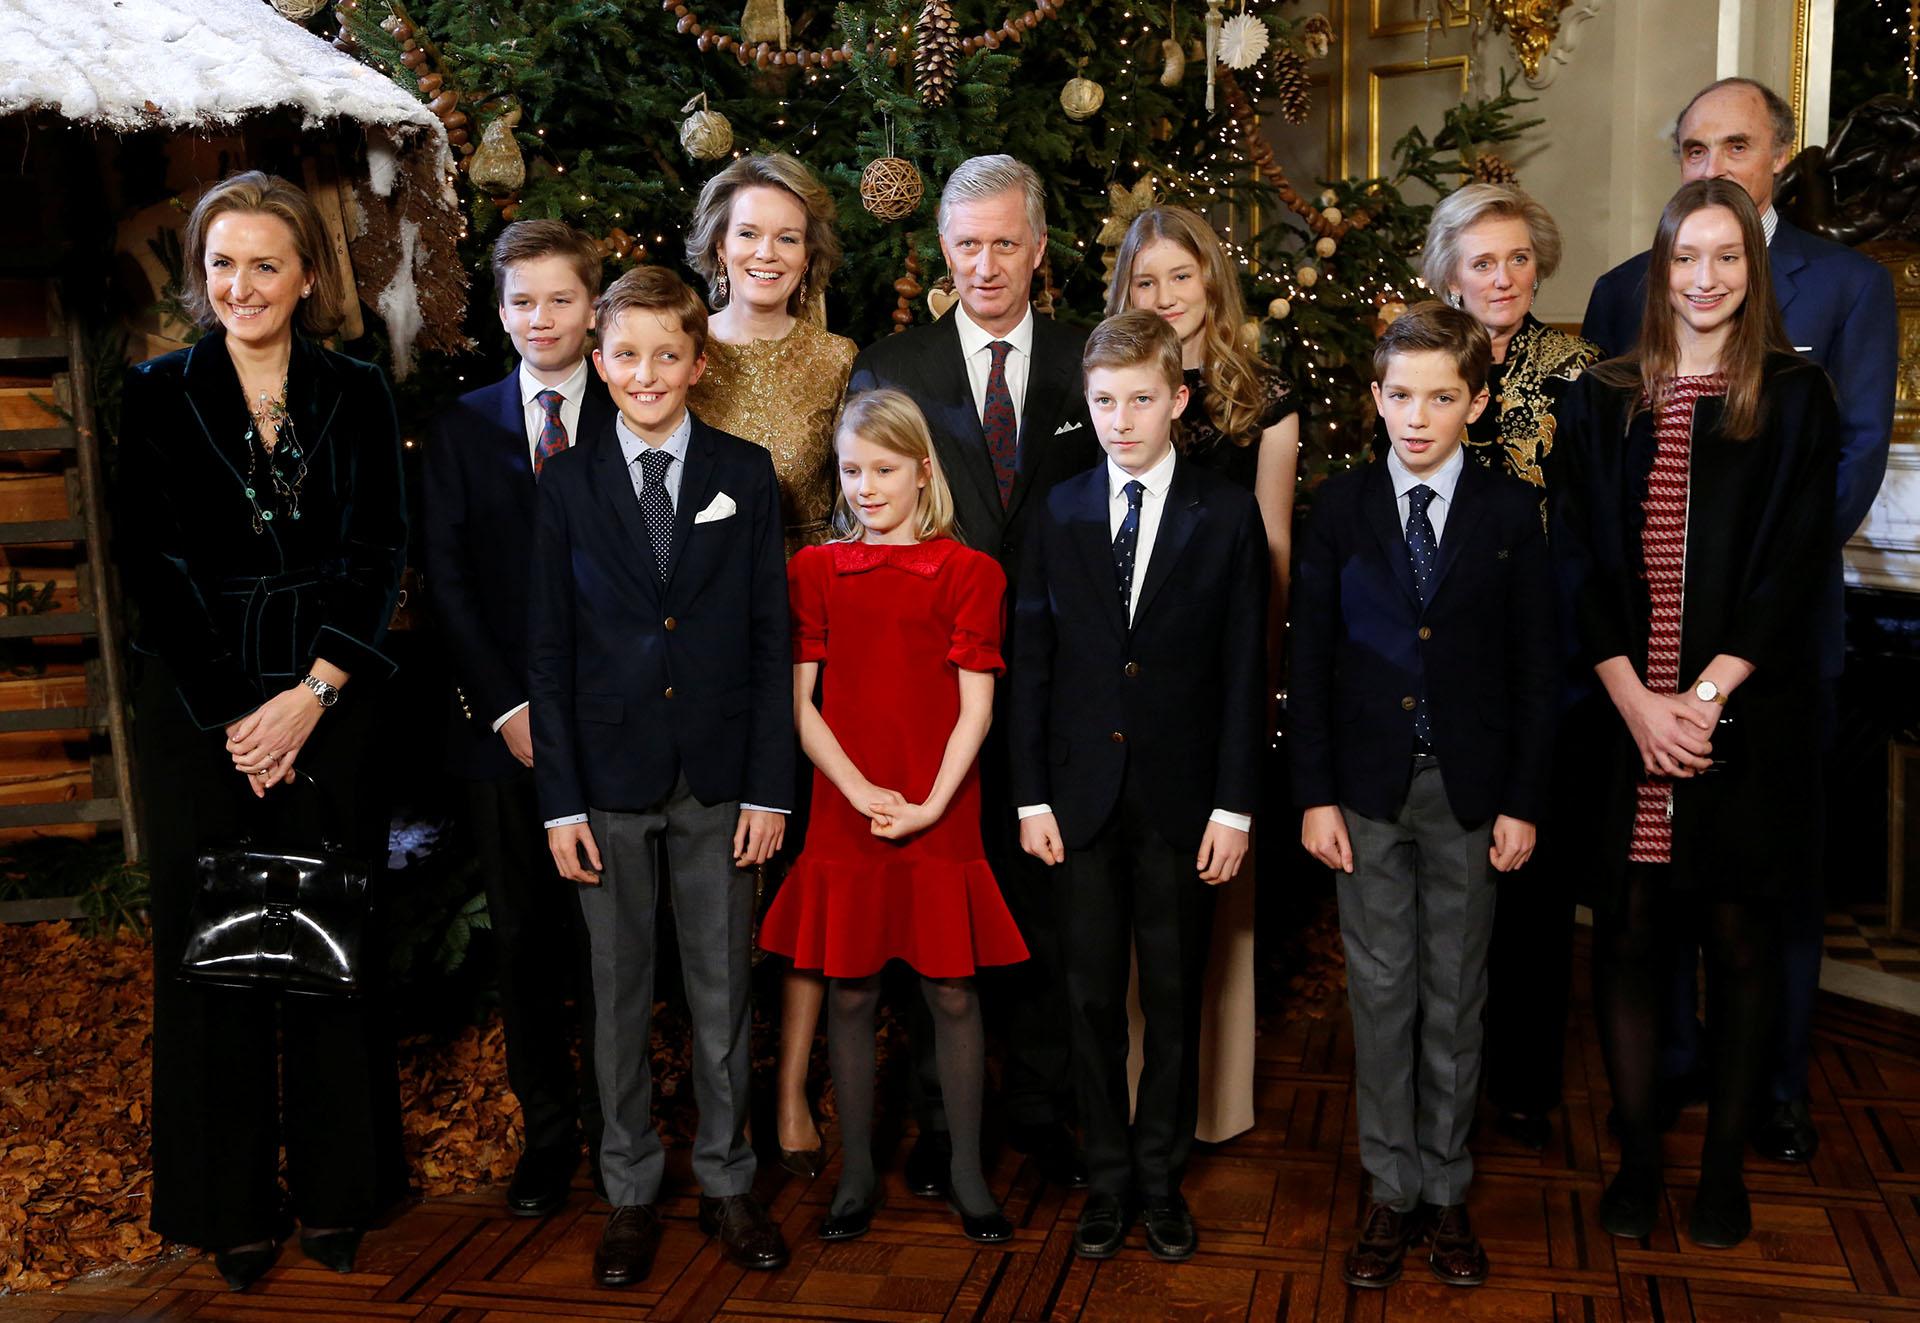 La familia real completa junto al árbol de Navidad. La princesa Eleonore lució un vestido colorado de terciopelo, palpitando en su estilismo el espíritu navideño